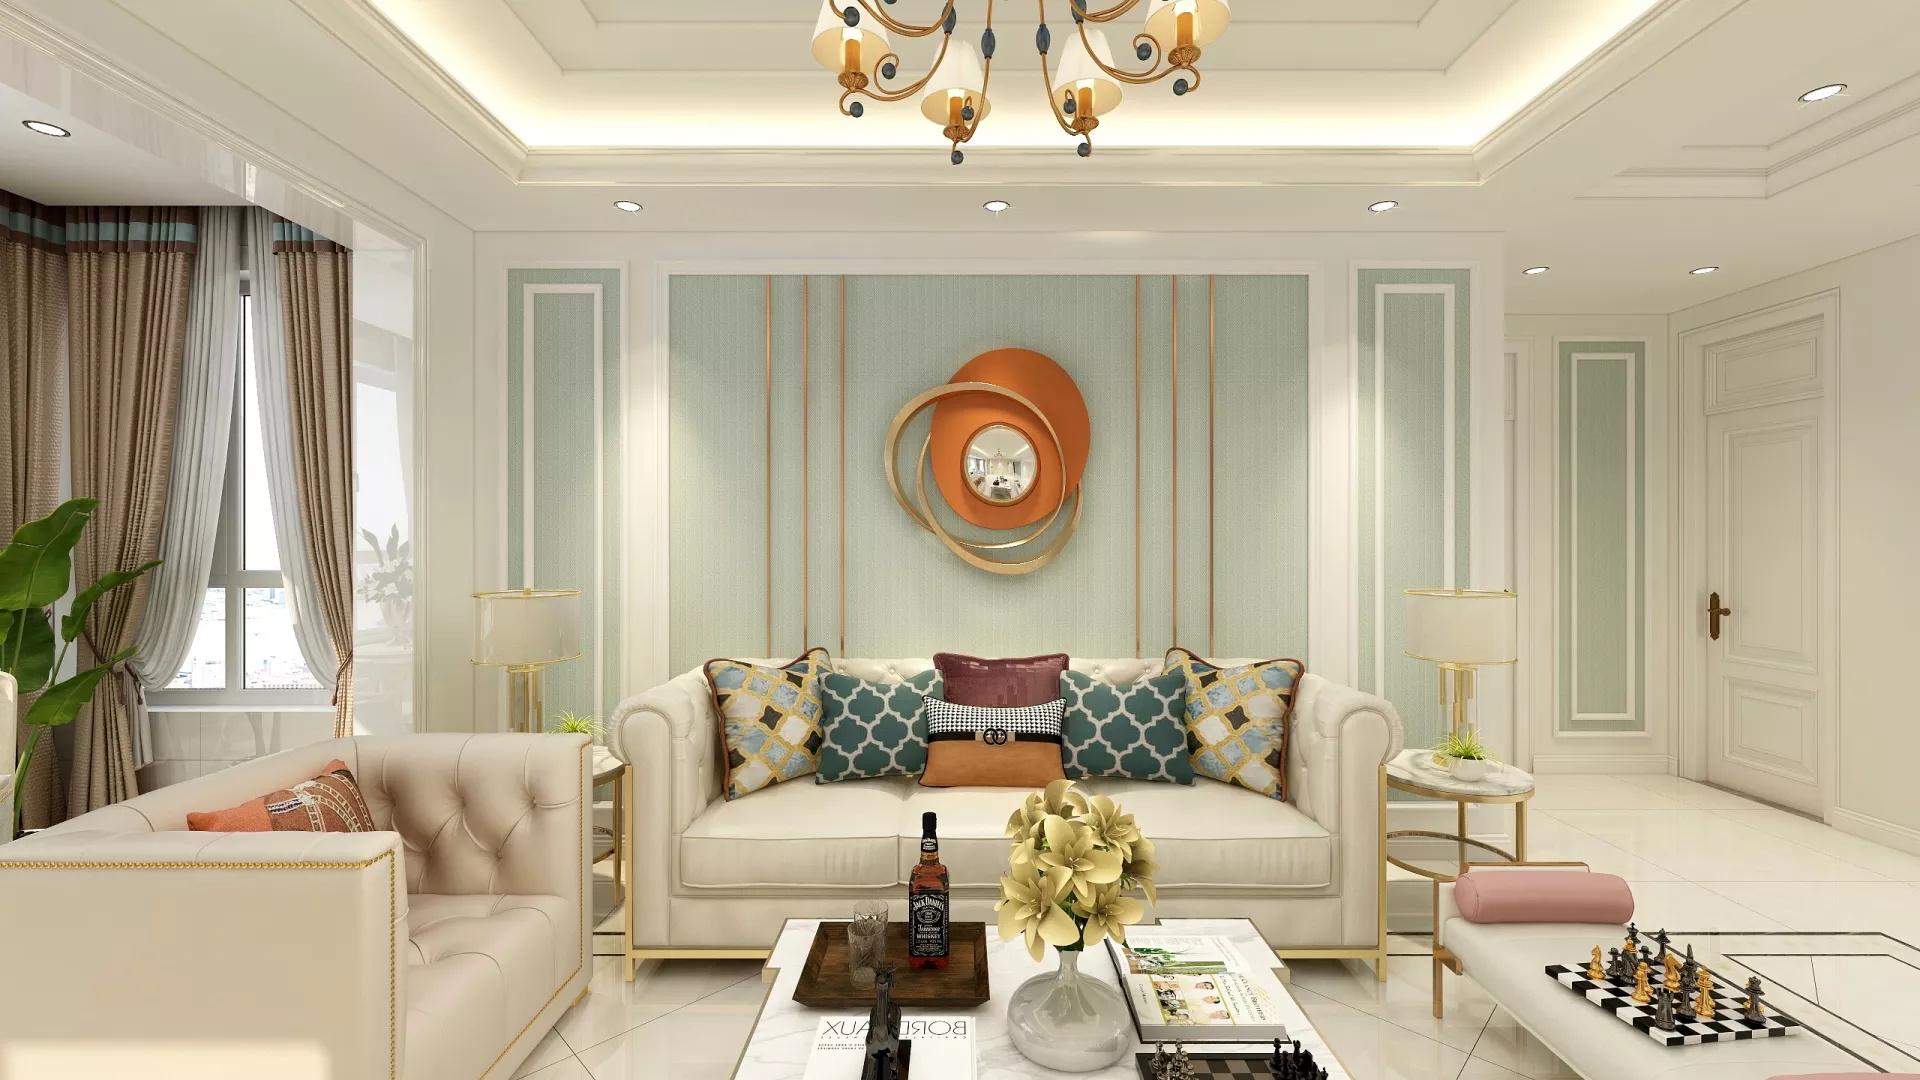 墙面装饰材料有哪些 常用墙面装饰材料